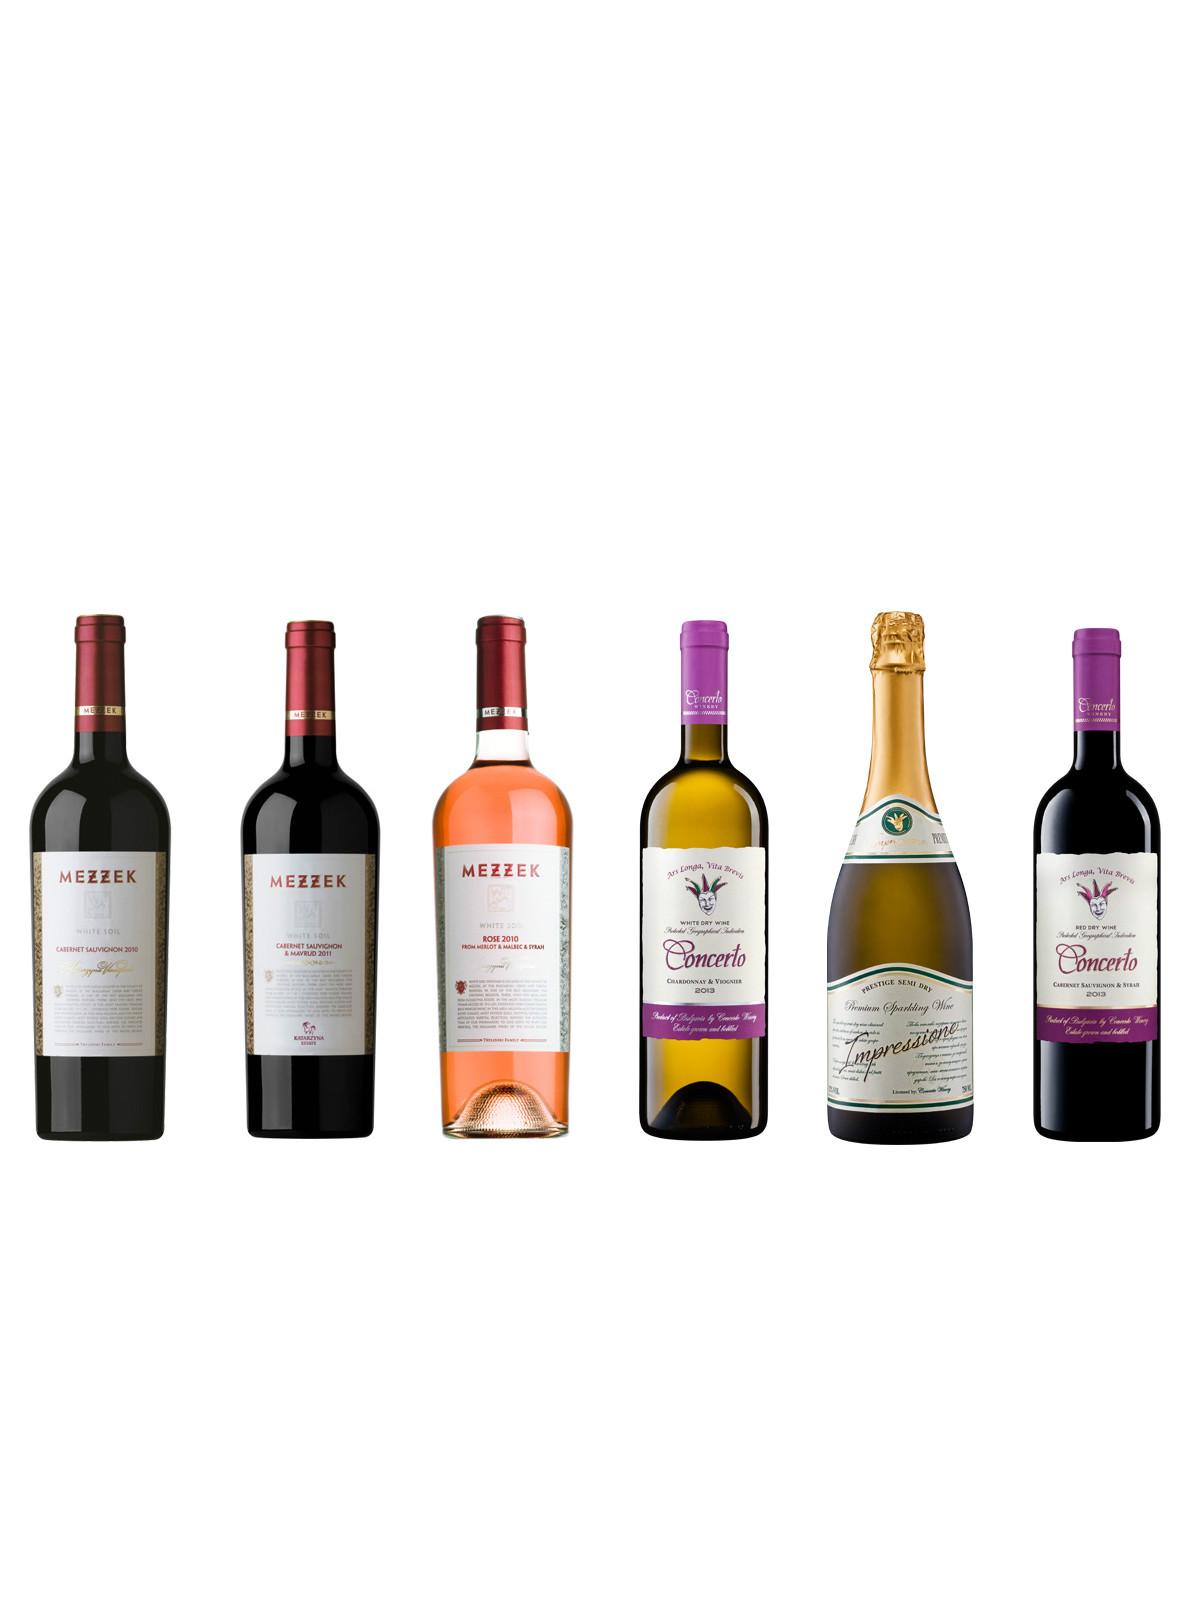 ブルガリアワインおすすめ6本セット